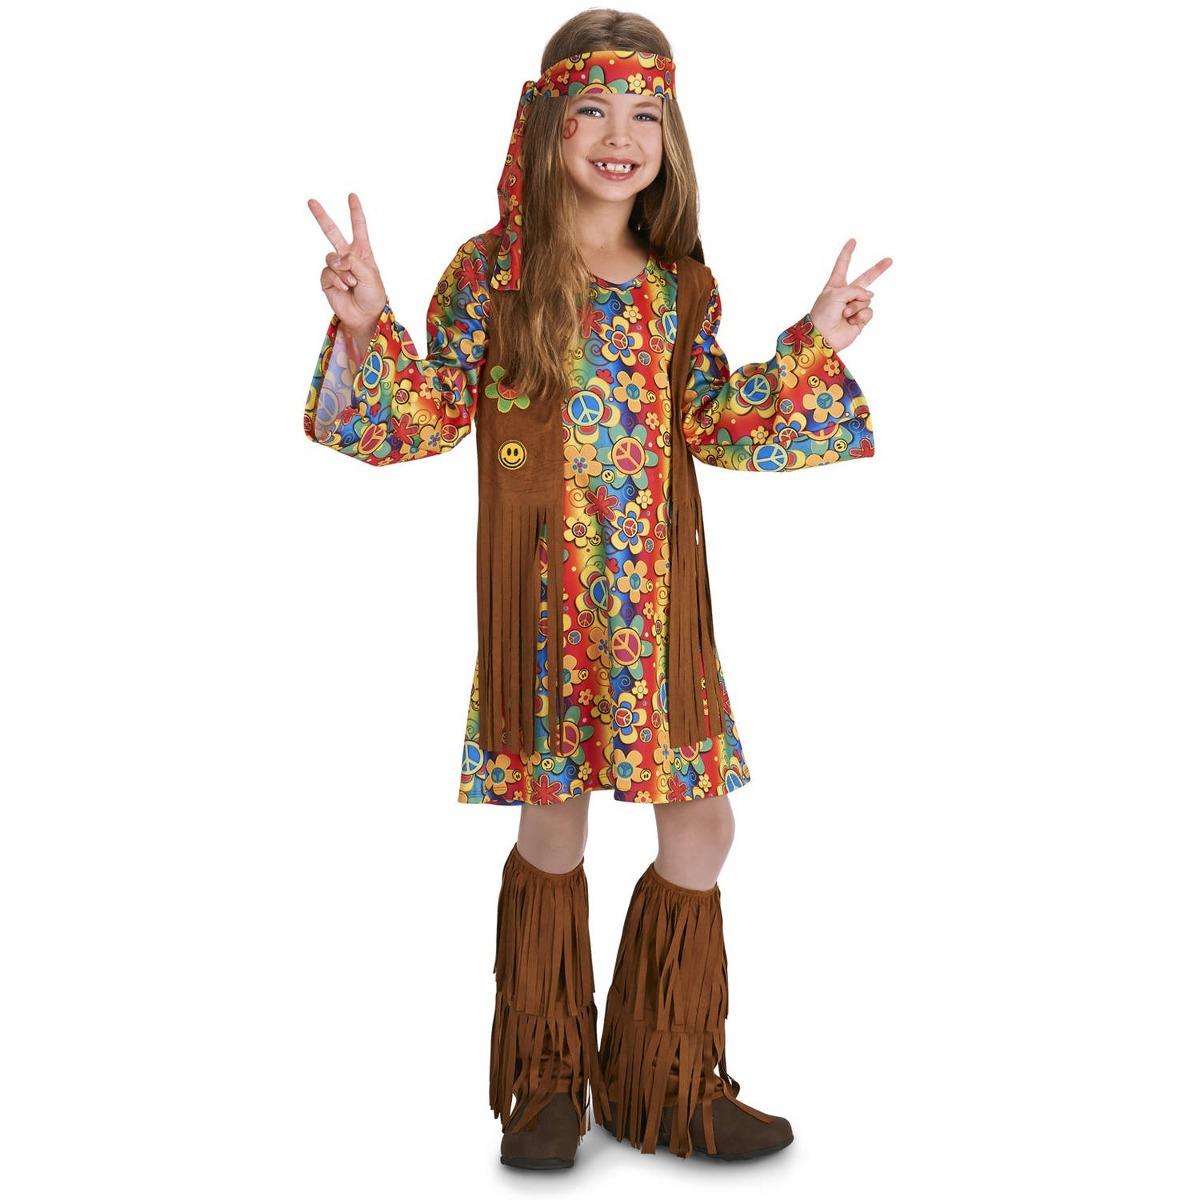 disfraz de hippie con flecos de los 60 p niños en halloween